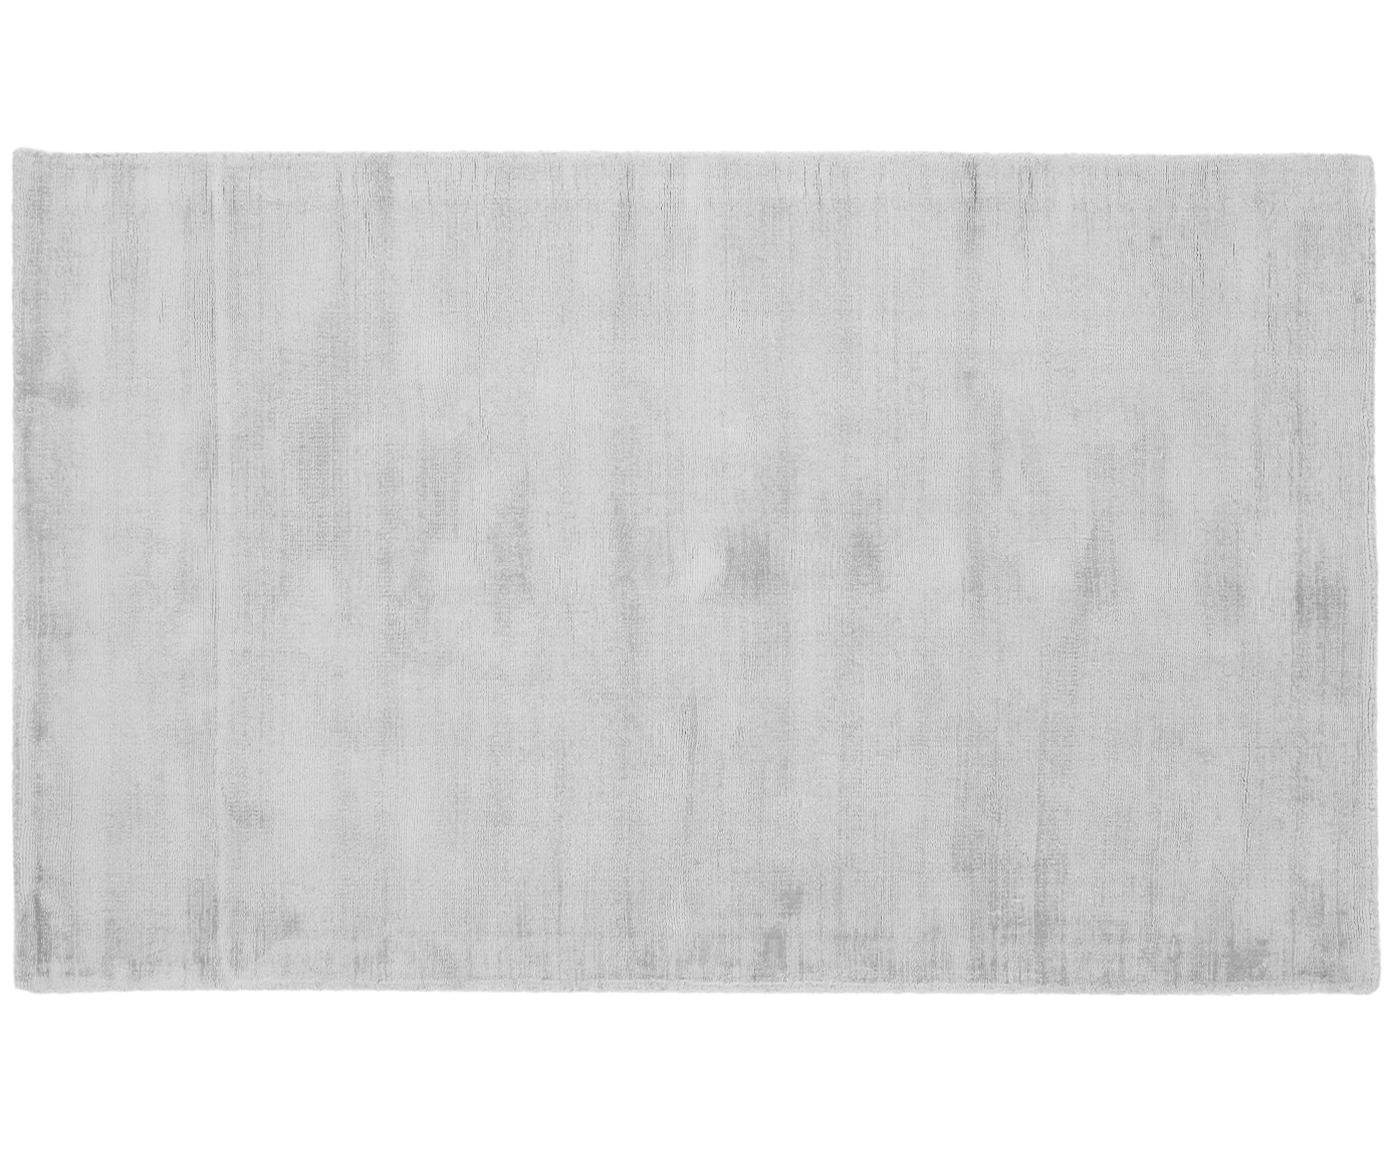 Tappeto in viscosa tessuto a mano Jane, Retro: 100% cotone, Grigio argento, Larg. 90 x Lung. 150 cm (taglia XS)